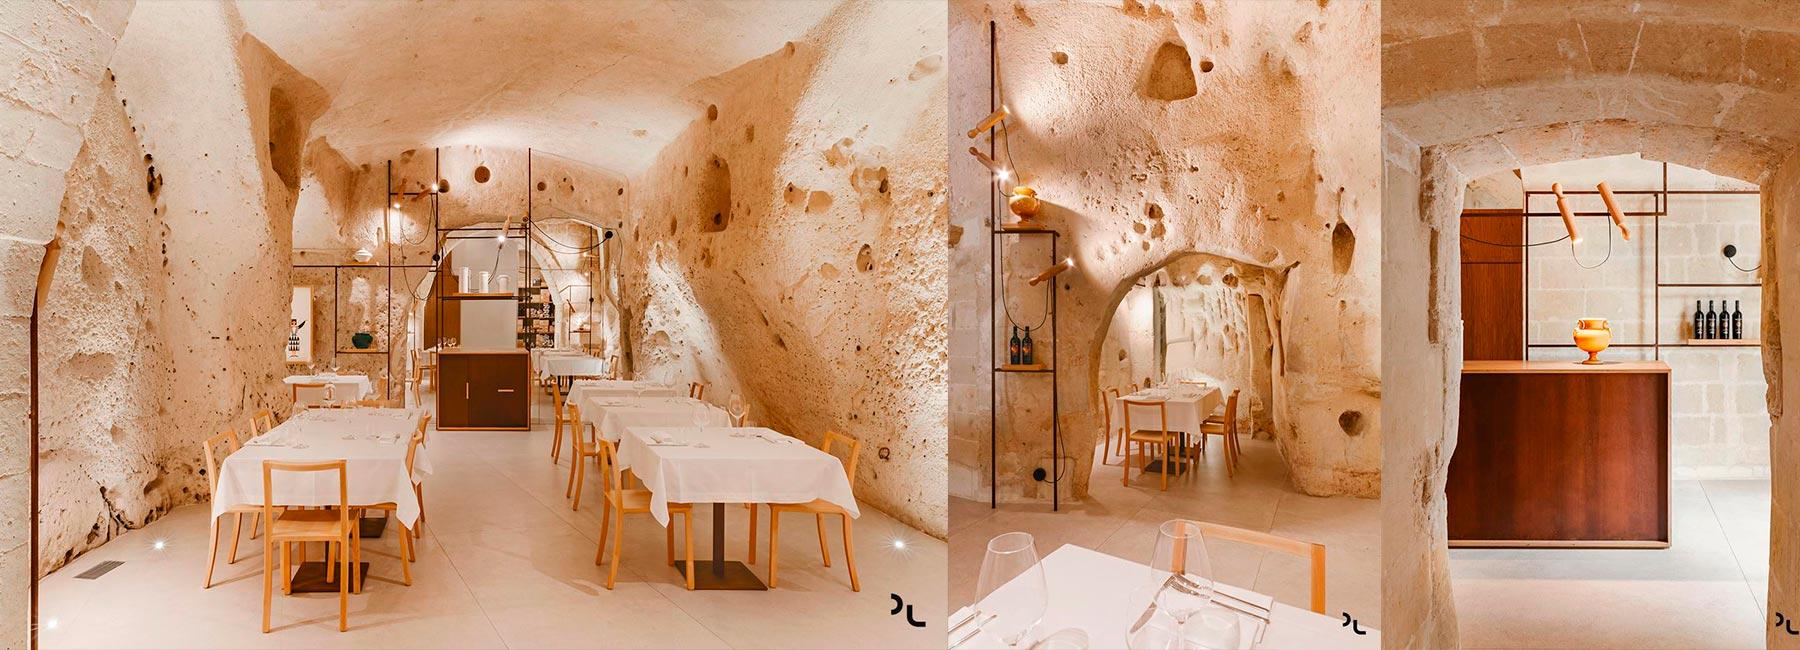 Необычная пиццерия Oi Marì в настоящей известняковой пещере